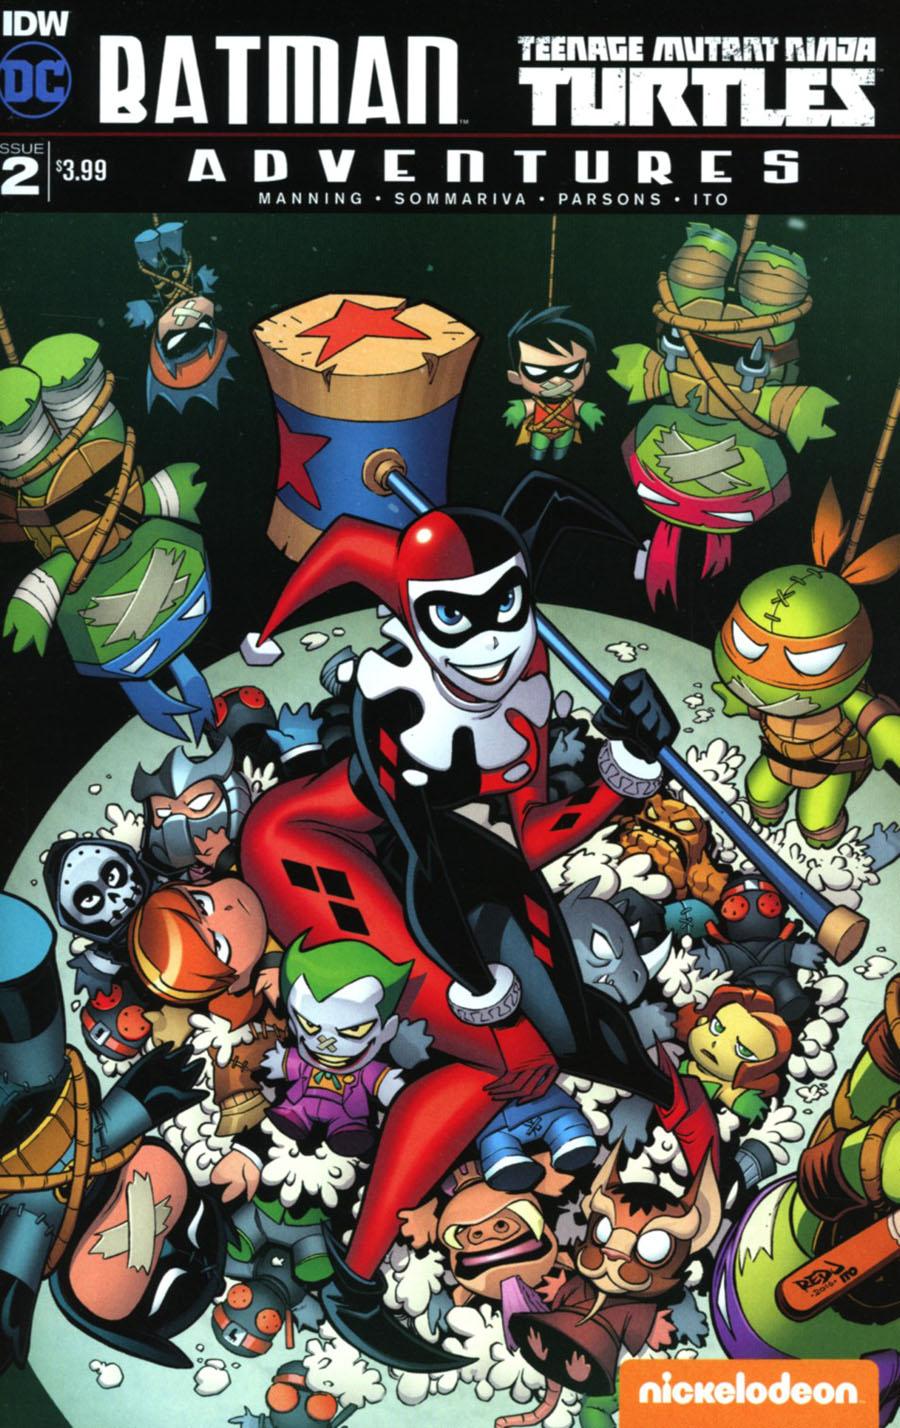 Batman Teenage Mutant Ninja Turtles Adventures #2 Cover A Regular Jon Sommariva Cover